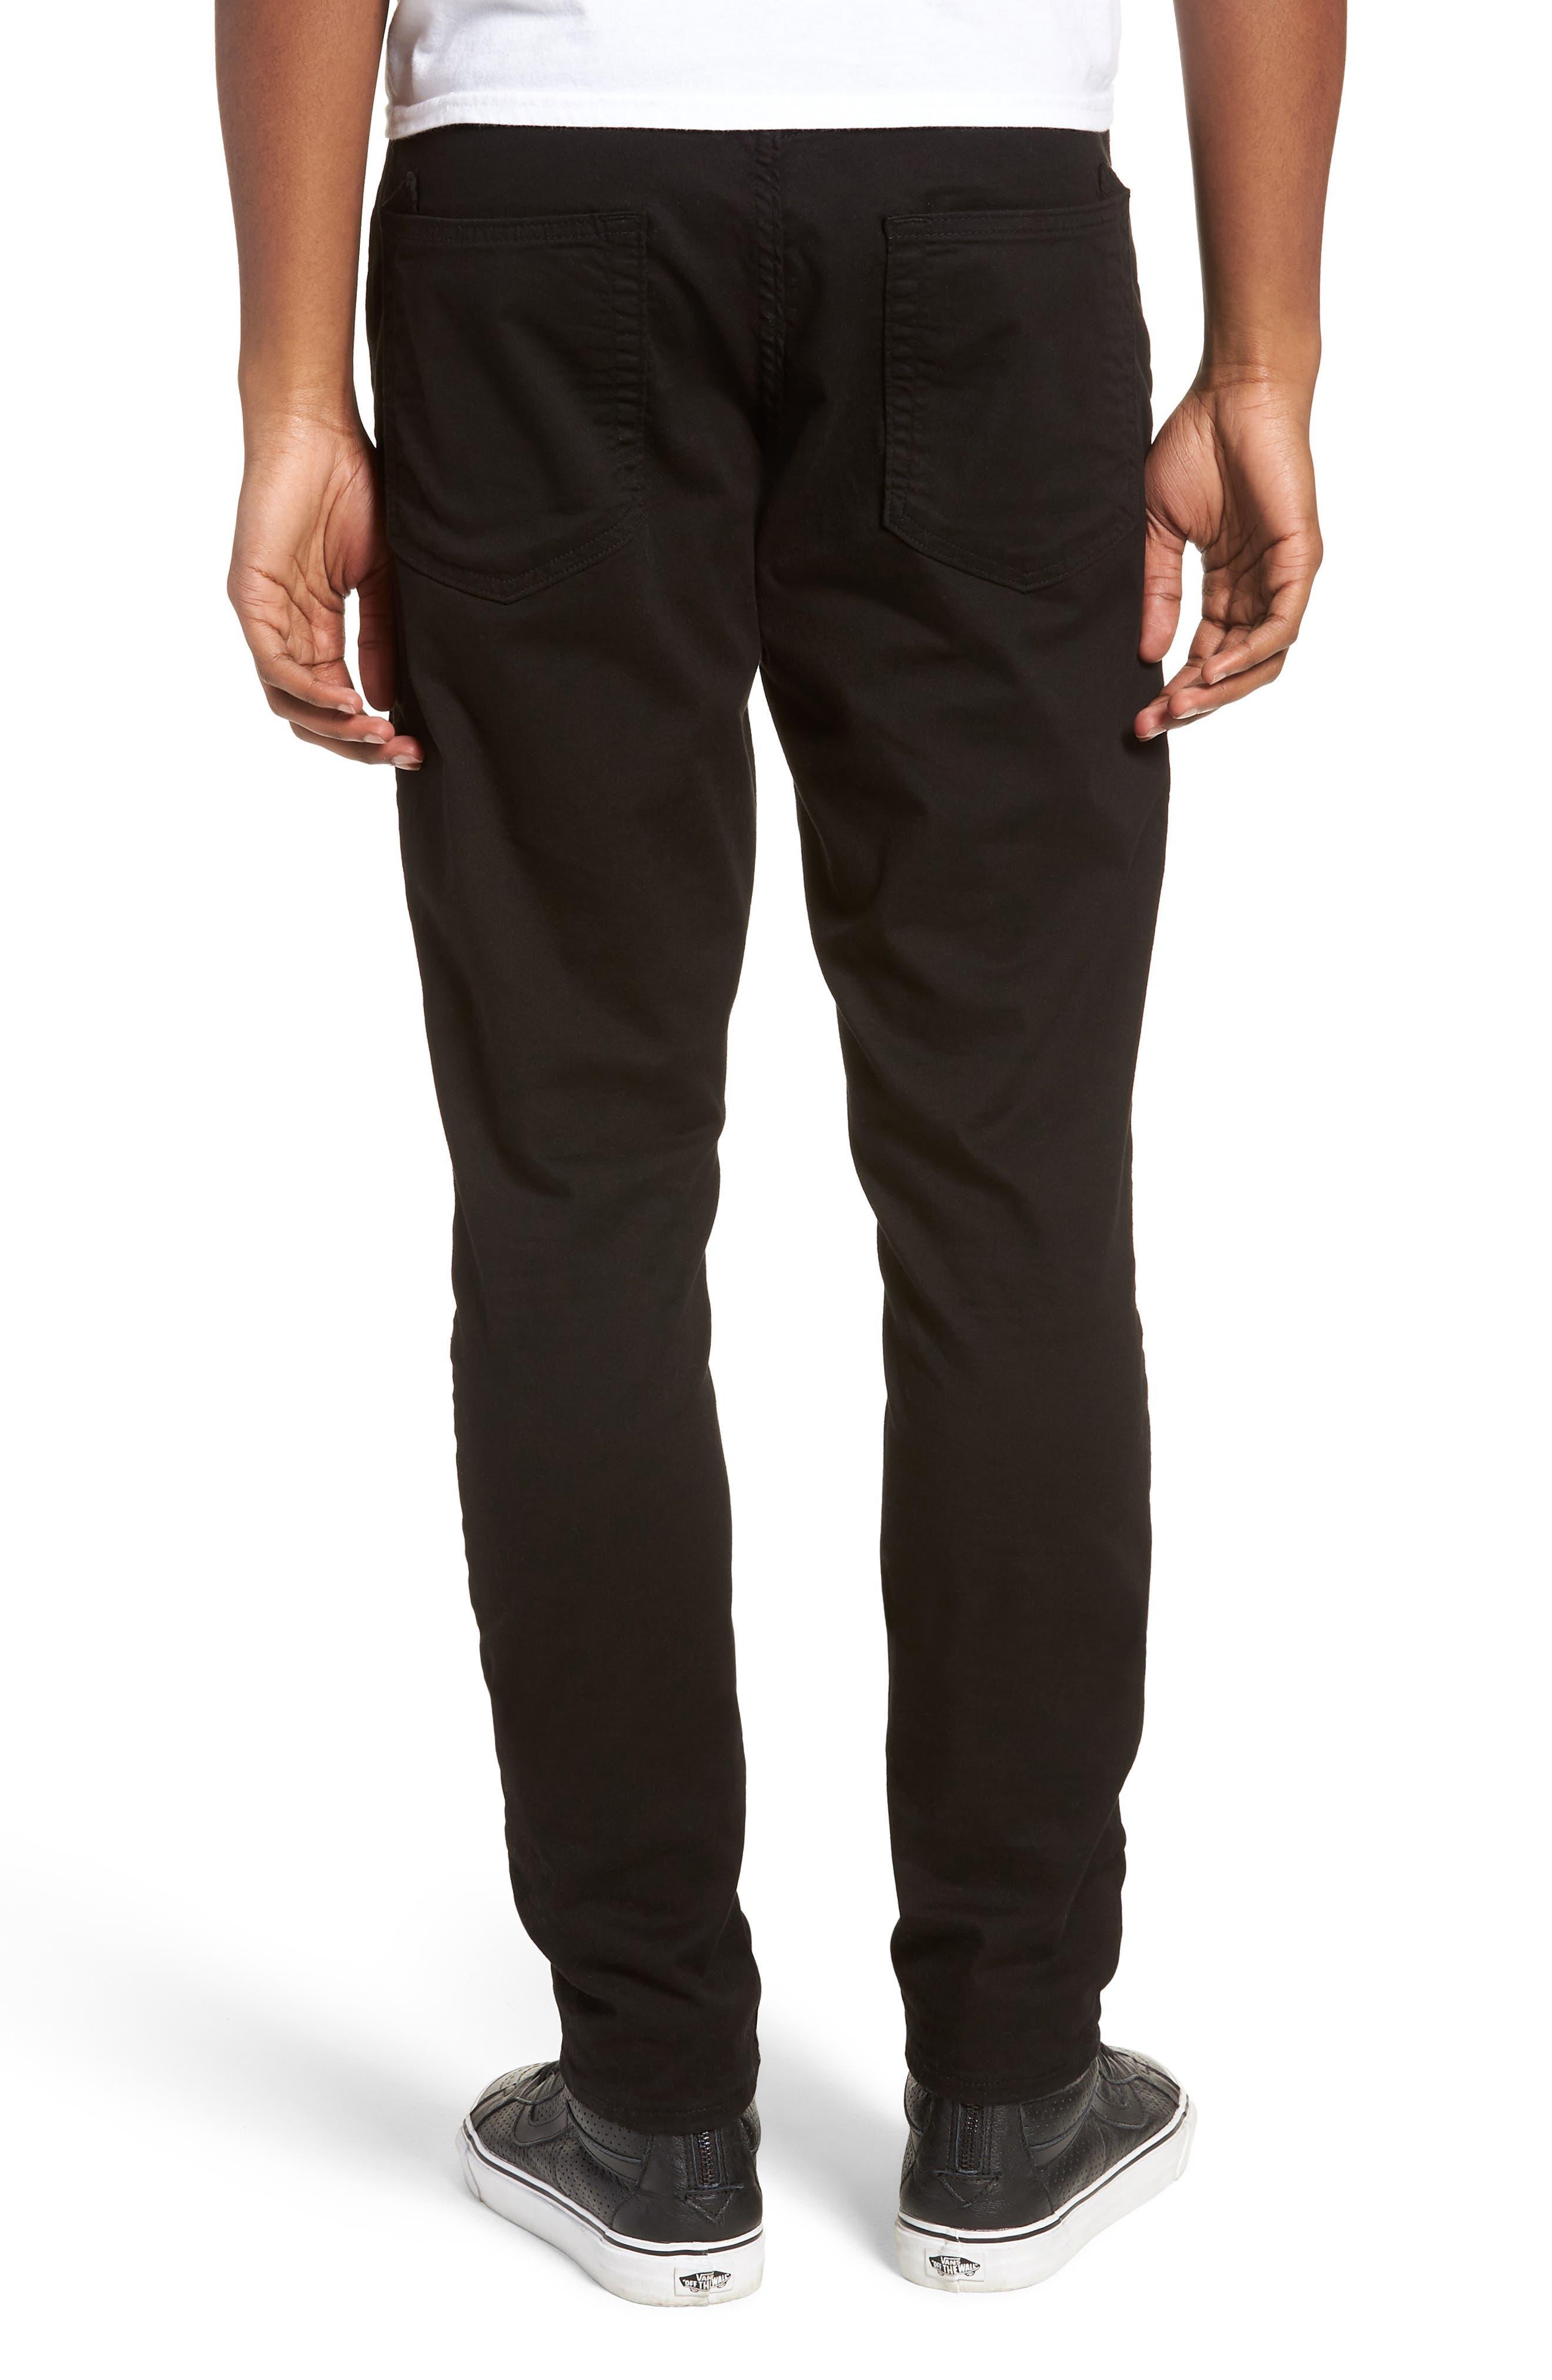 Le Sabre Slim Fit Jeans,                             Alternate thumbnail 2, color,                             BLACK